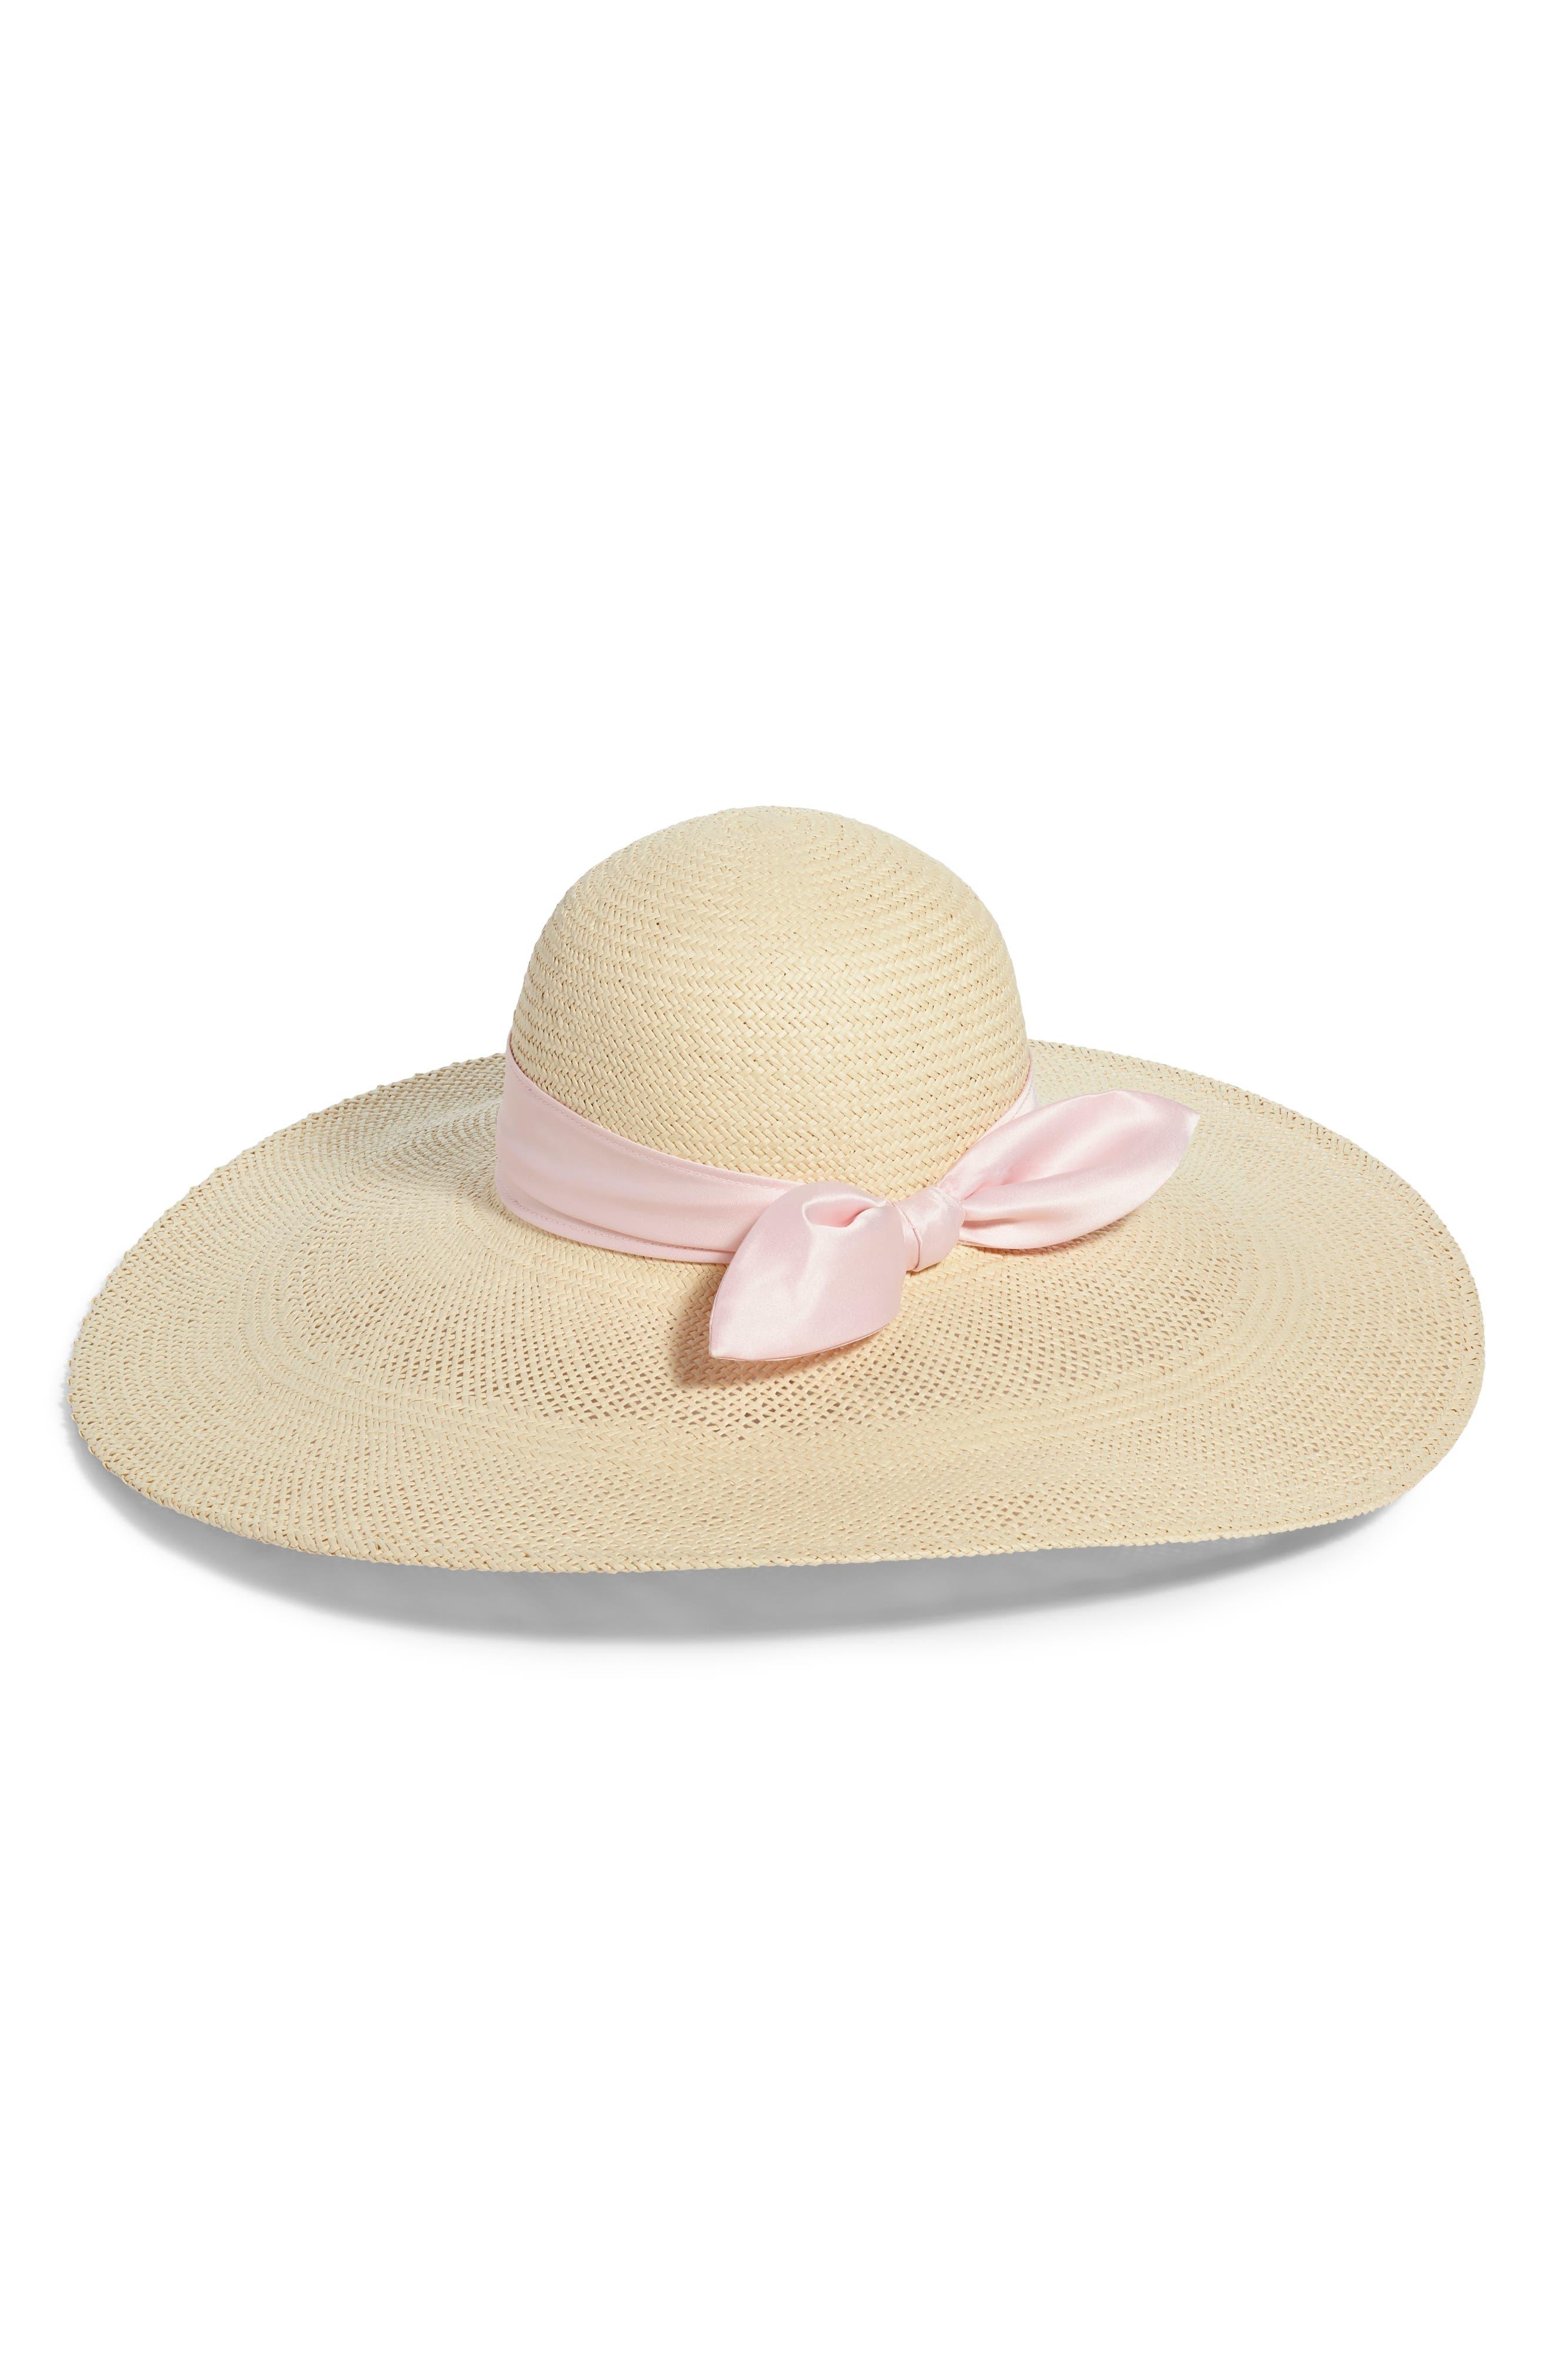 RACHEL PARCELL Large Brim Straw Hat, Main, color, BEIGE LIGHT COMBO